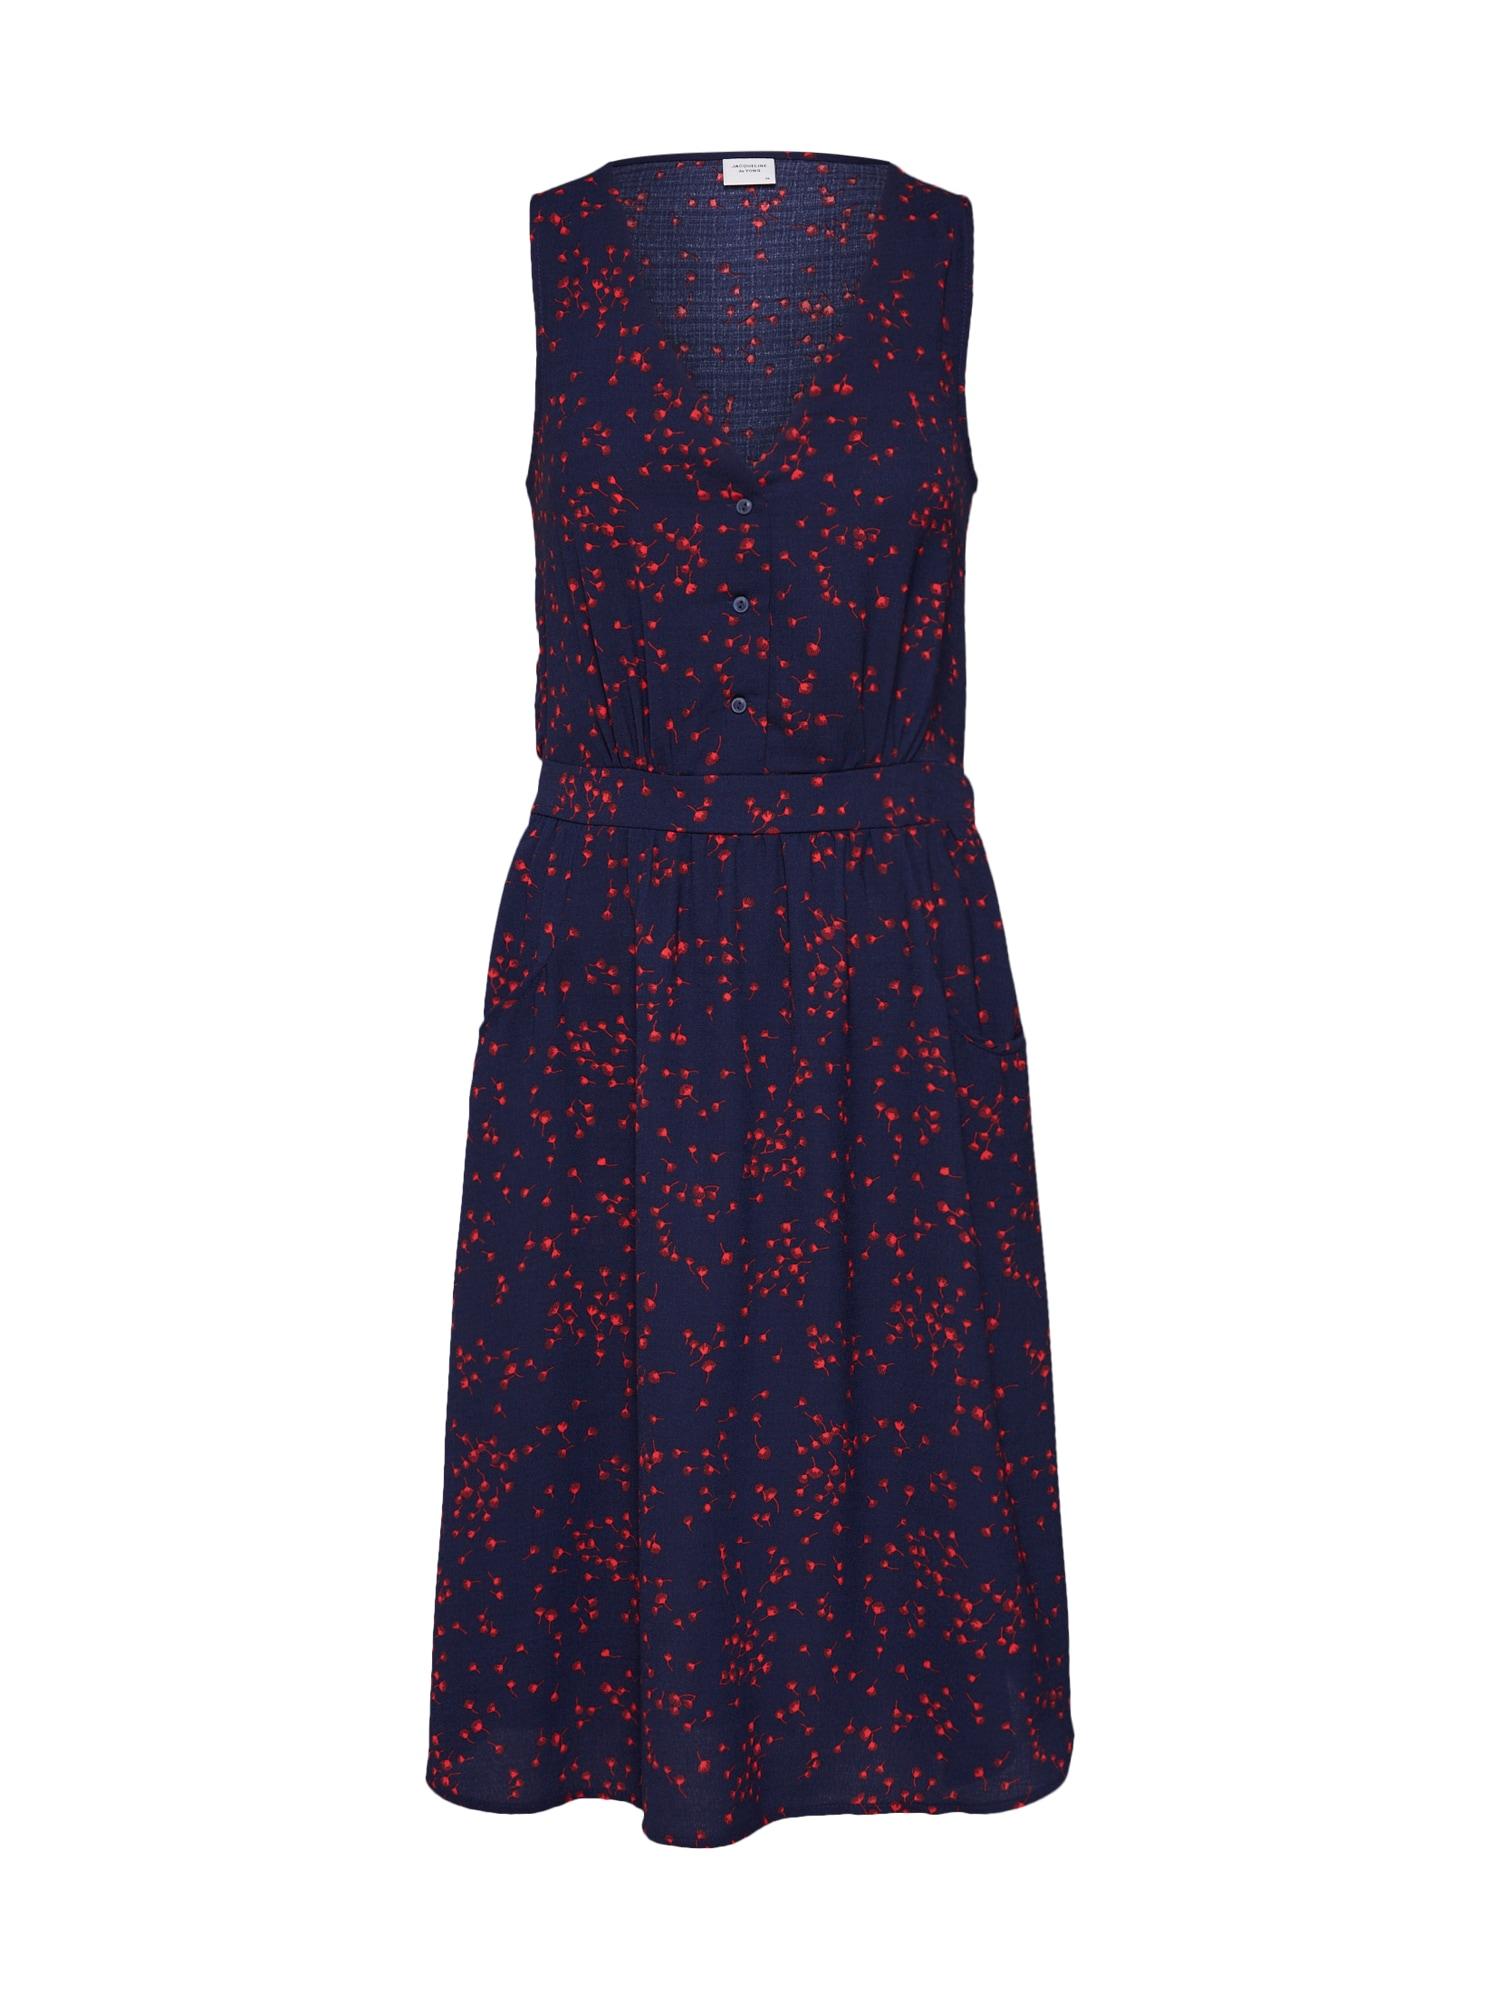 Šaty Layla námořnická modř červená JACQUELINE De YONG